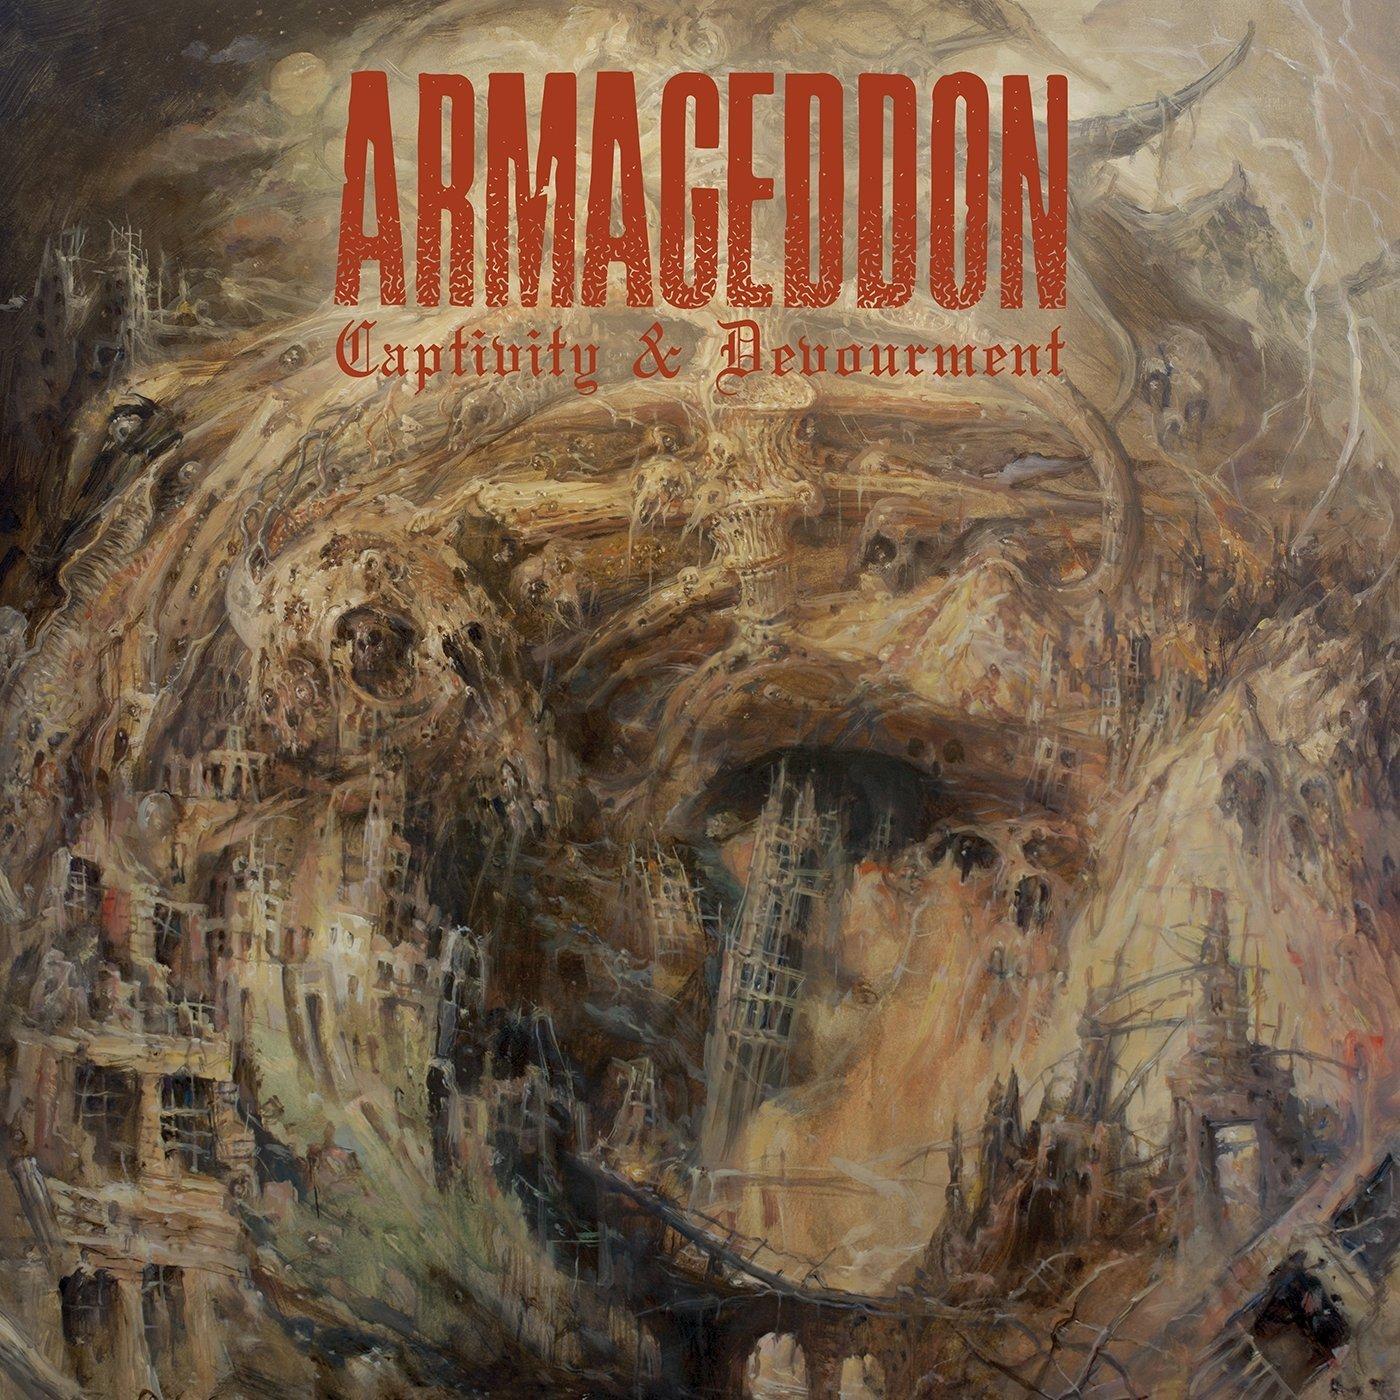 Alben der Woche 23.01.15 - Armageddon CAPTIVITY & DEVOURMENT